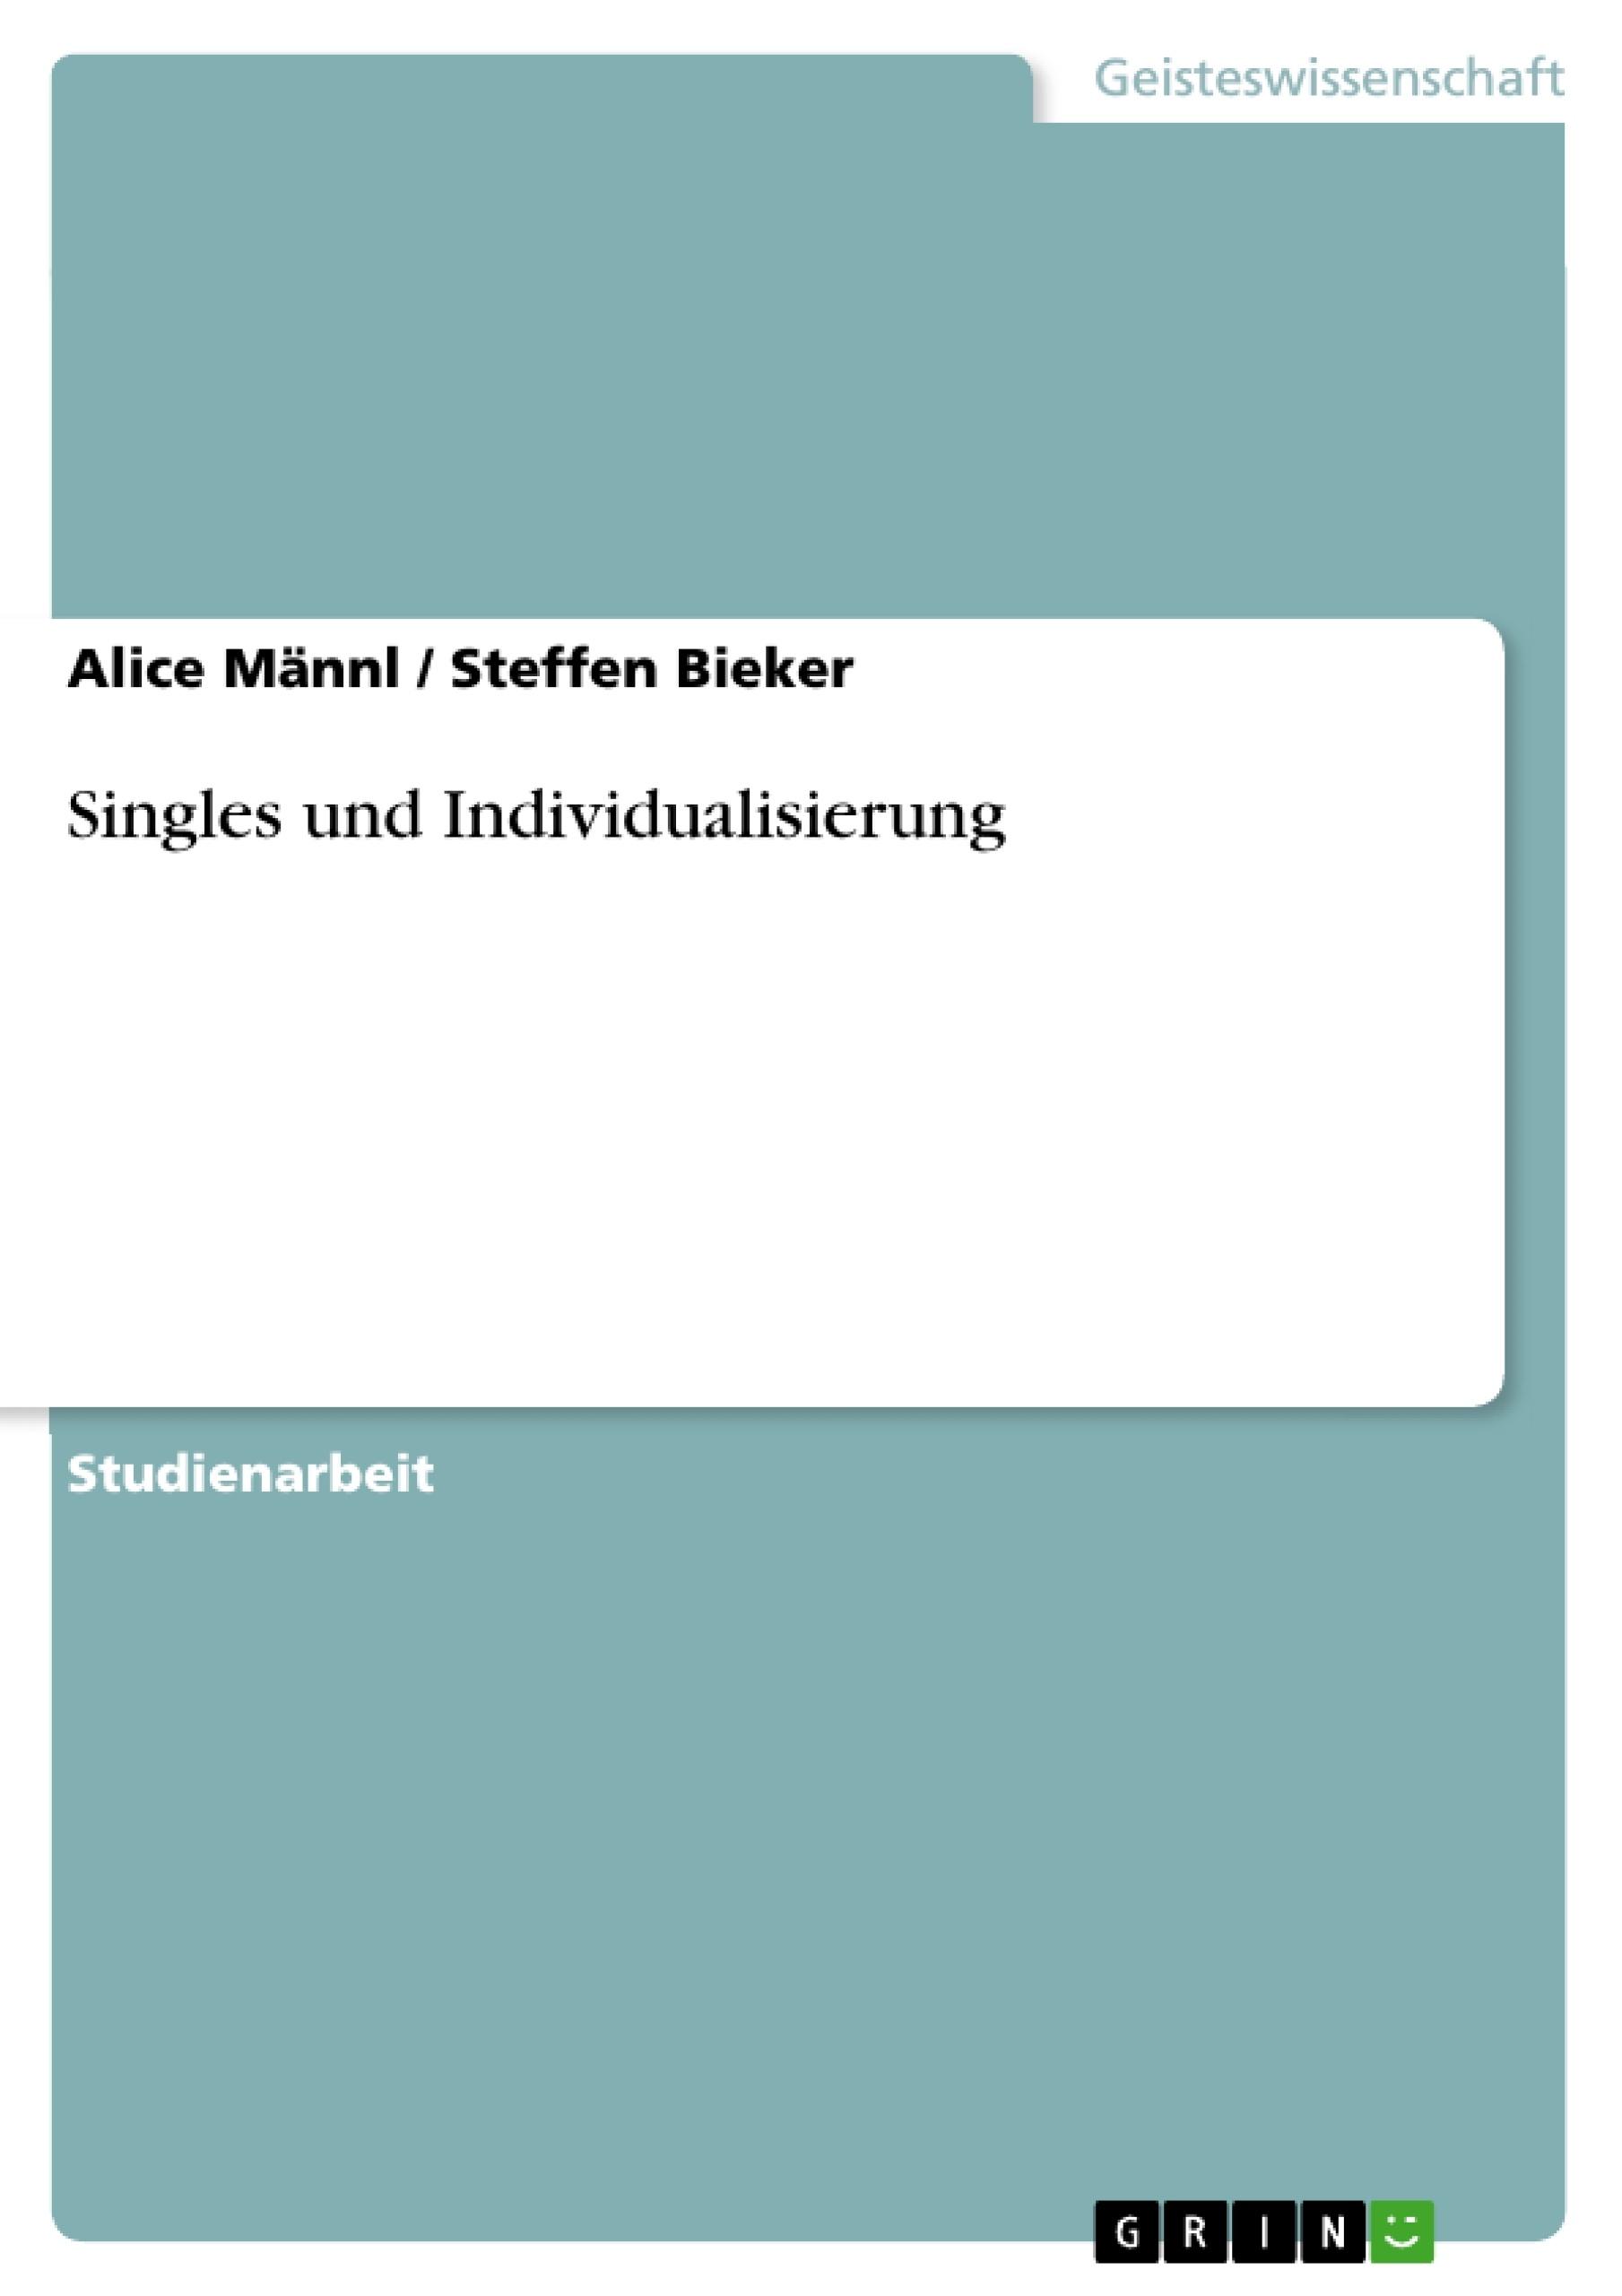 Titel: Singles und Individualisierung